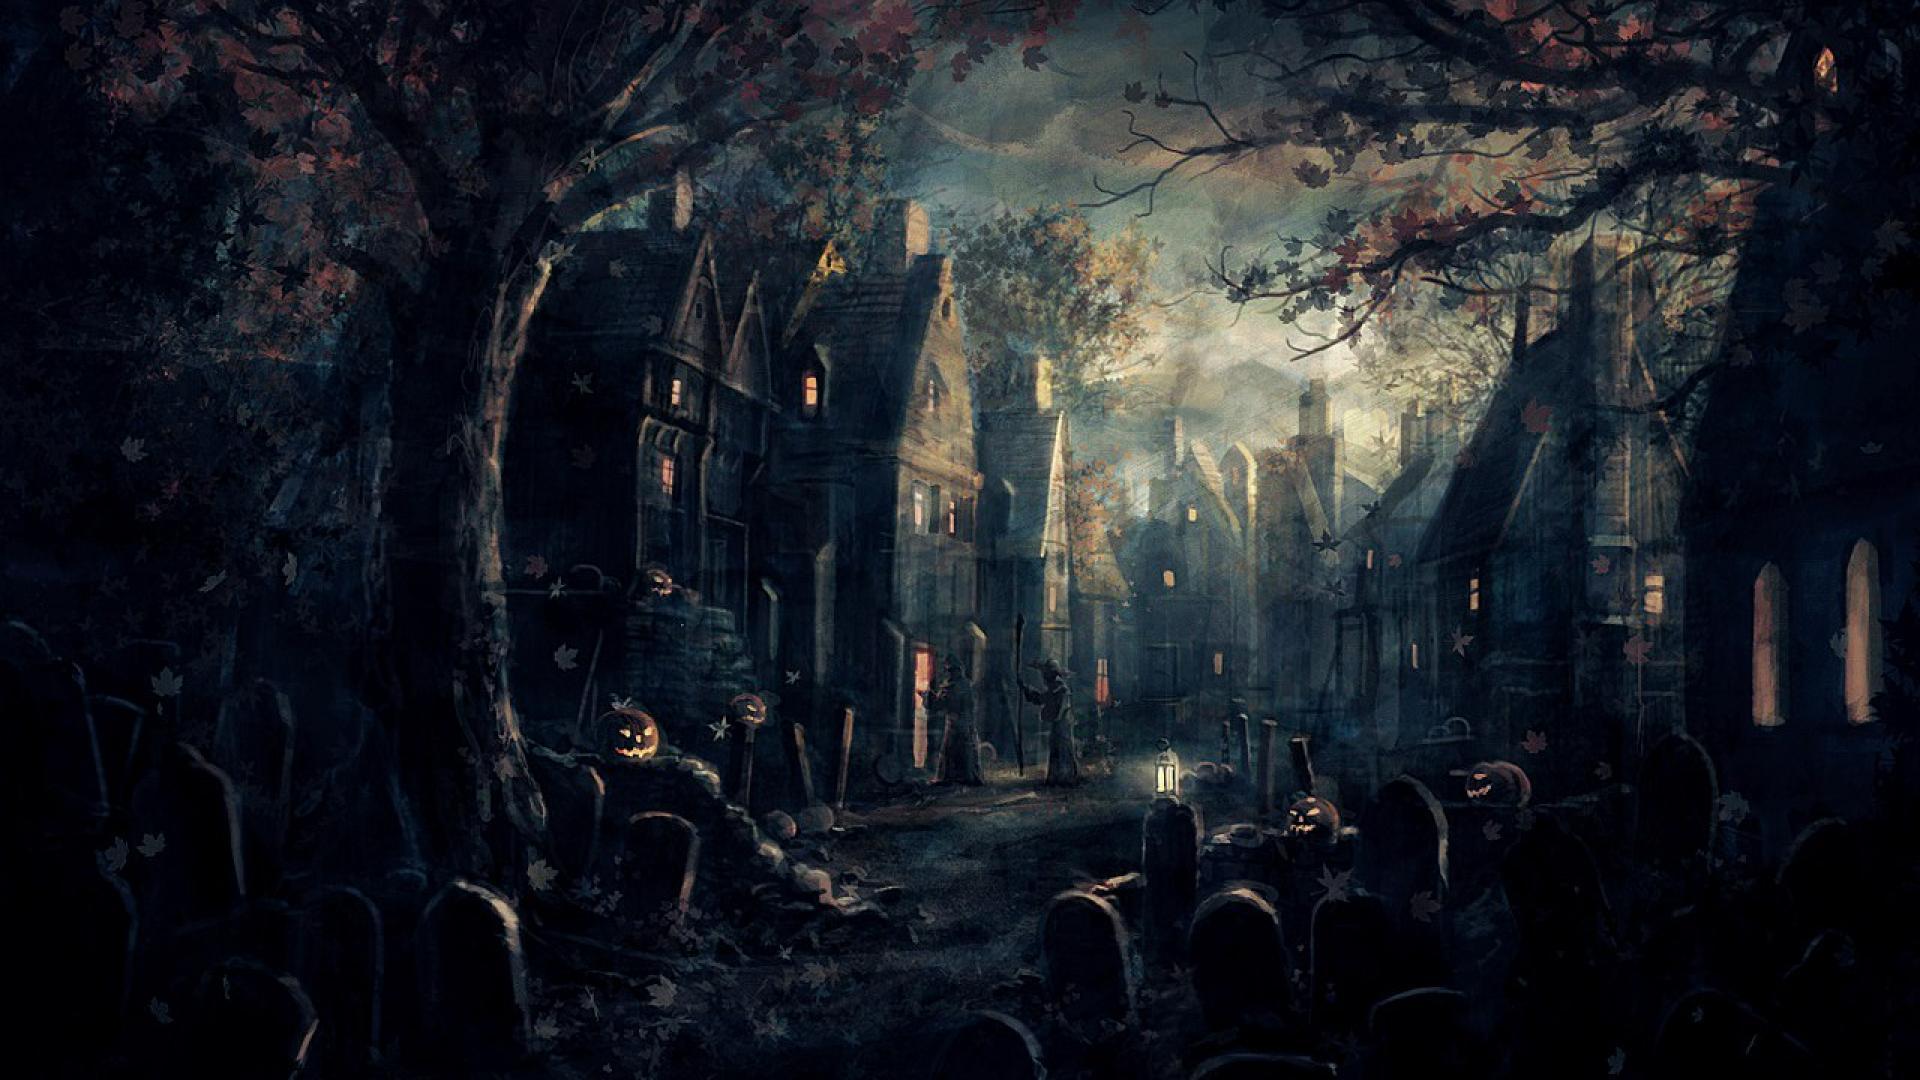 HD Halloween Desktop Backgrounds - Wallpaper Cave